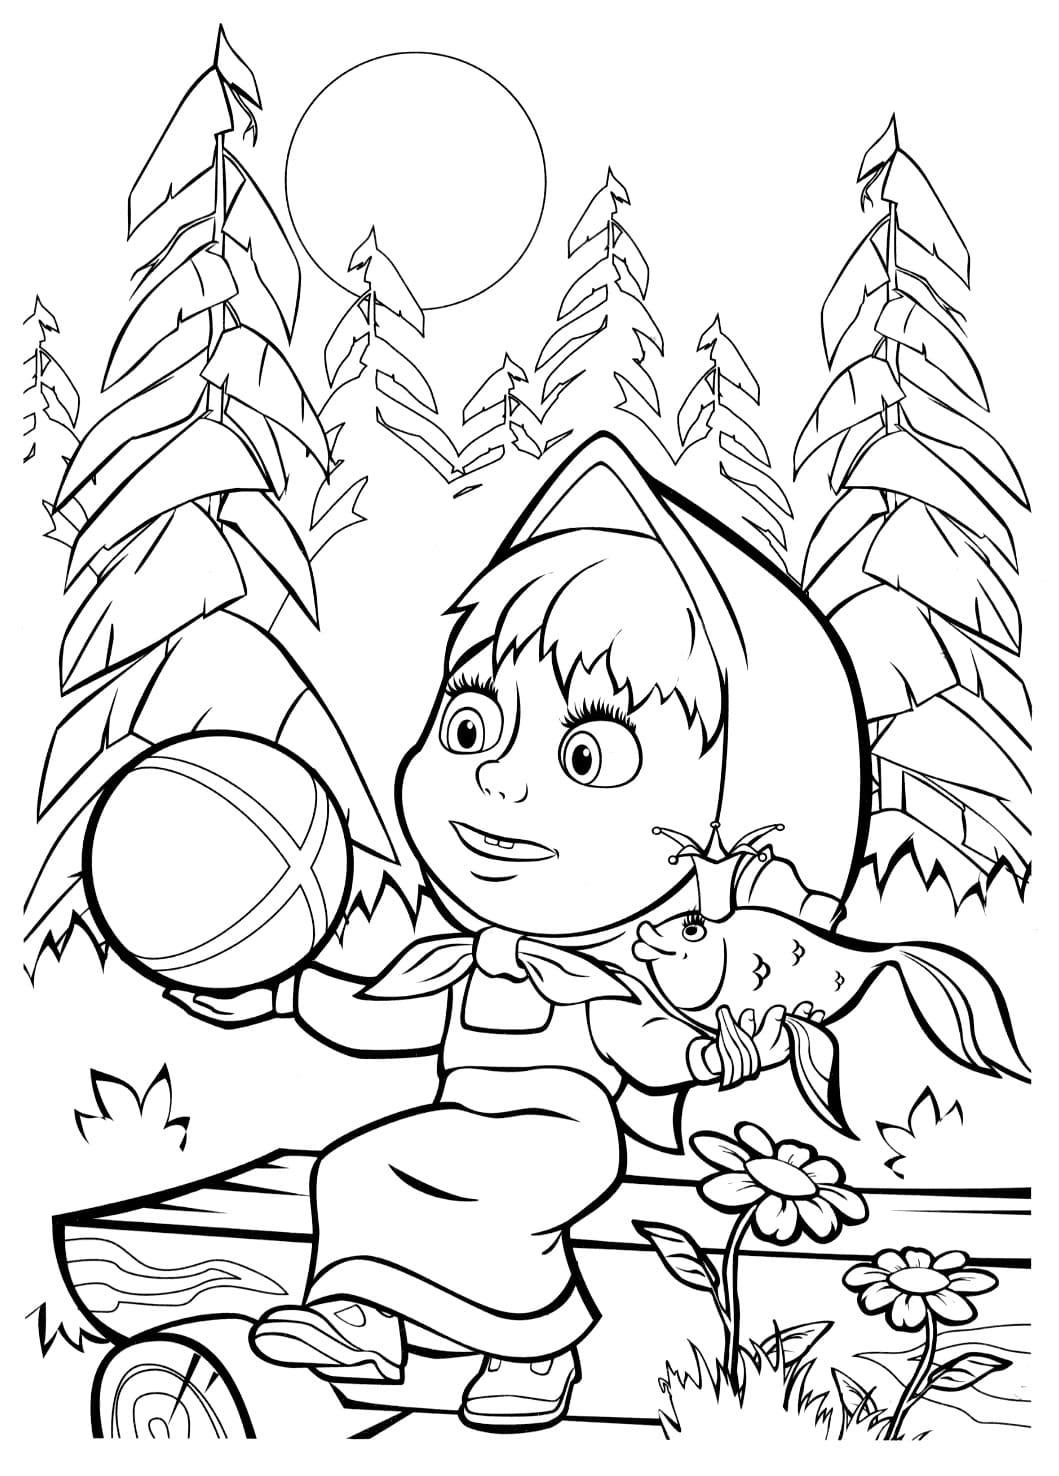 """Раскраски """"Маша и Медведь"""" для детей. Распечатайте бесплатно!"""